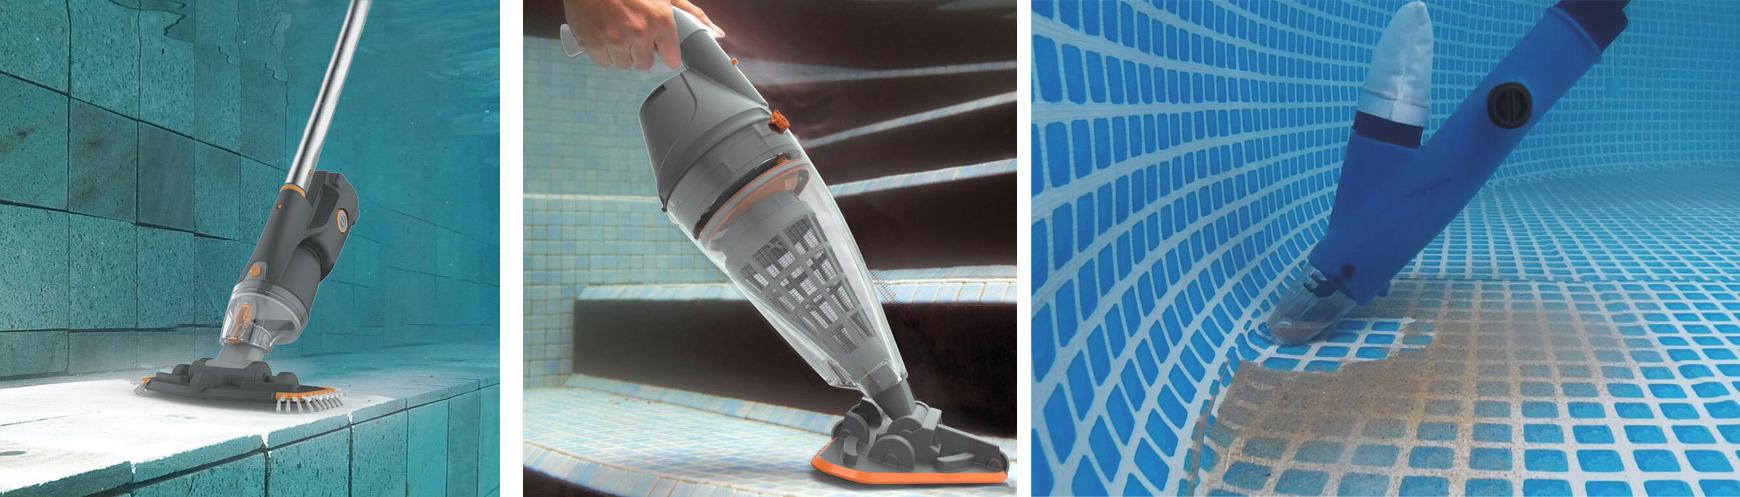 Balais aspirateur lectrique de piscine balai pour piscine piscineale - Aspirateur de piscine electrique ...